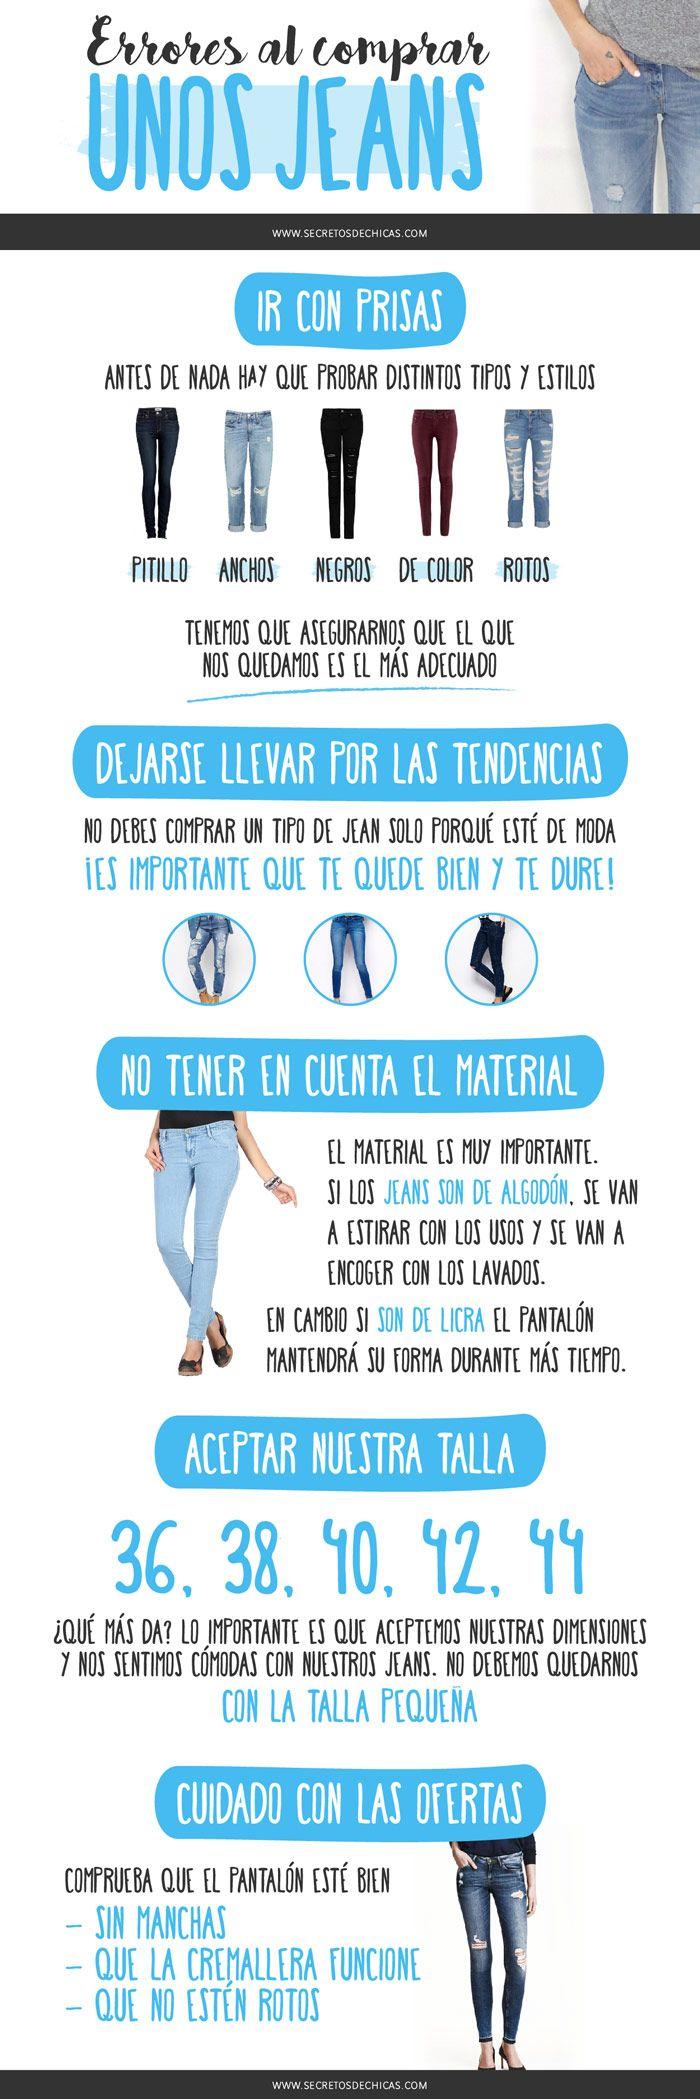 Hoy os traigo algunos errores que cometemos al comprar unos jeans y que no deberíamos cometer. ¡Vamos a verlos! – Ir con prisas. Comprar unos tejanos o jeans requiere tiempo, porque debemos encontrar el que mejor se adapta. Tenemos que probar distintos tipos y estilos para asegurarnos que el que nos quedamos es el más adecuado. – Dejarse …